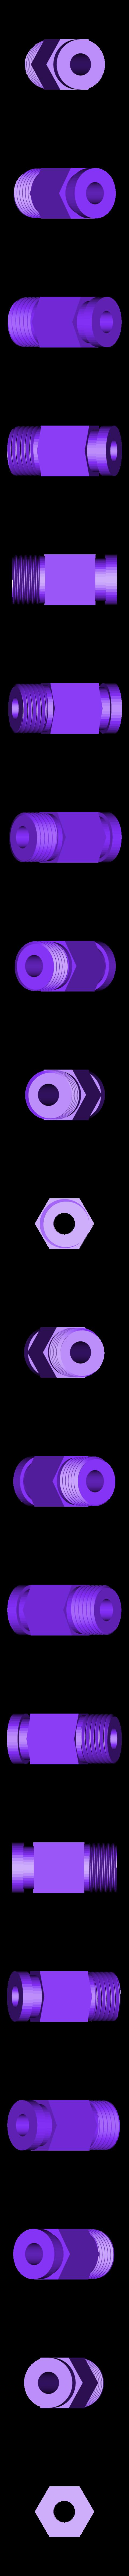 PC4_Uchwyt.stl Télécharger fichier STL gratuit PC4-M10 de remplacement (support PTFE de 4 mm) ; projet DLP • Plan à imprimer en 3D, kpawel